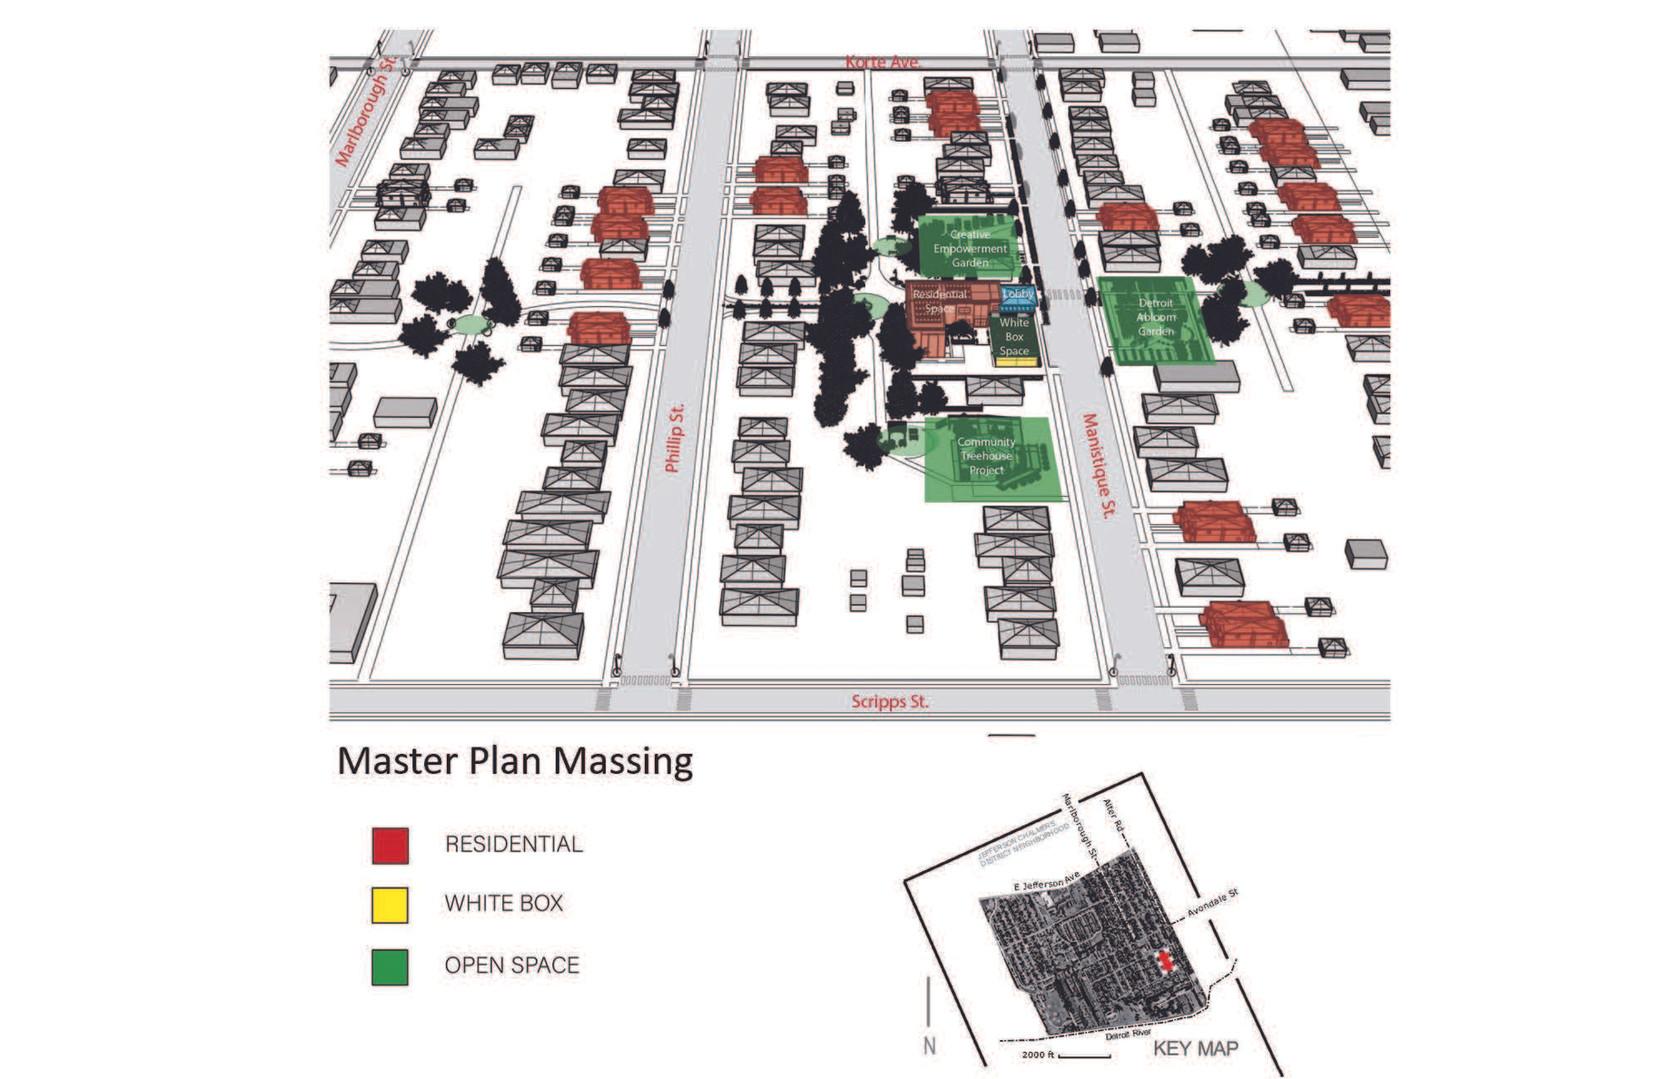 master plan massing.jpg